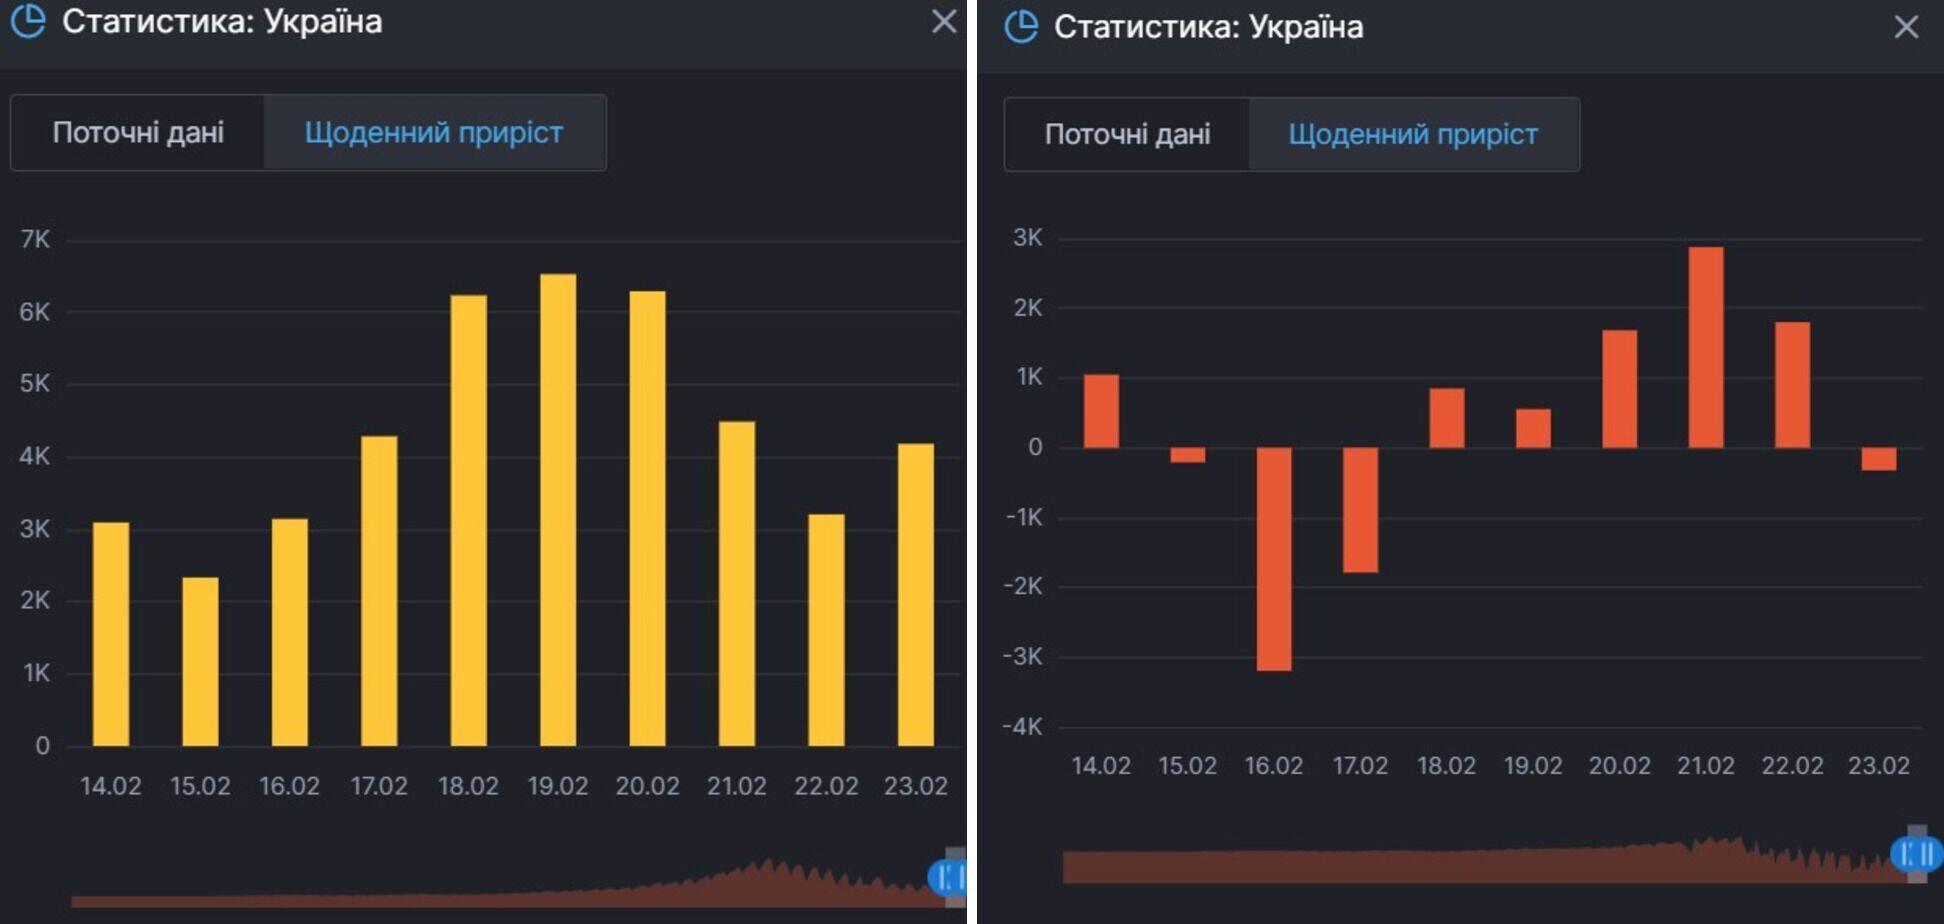 Приріст інфікувань коронавірусом в Україні й осіб, які продовжують хворіти